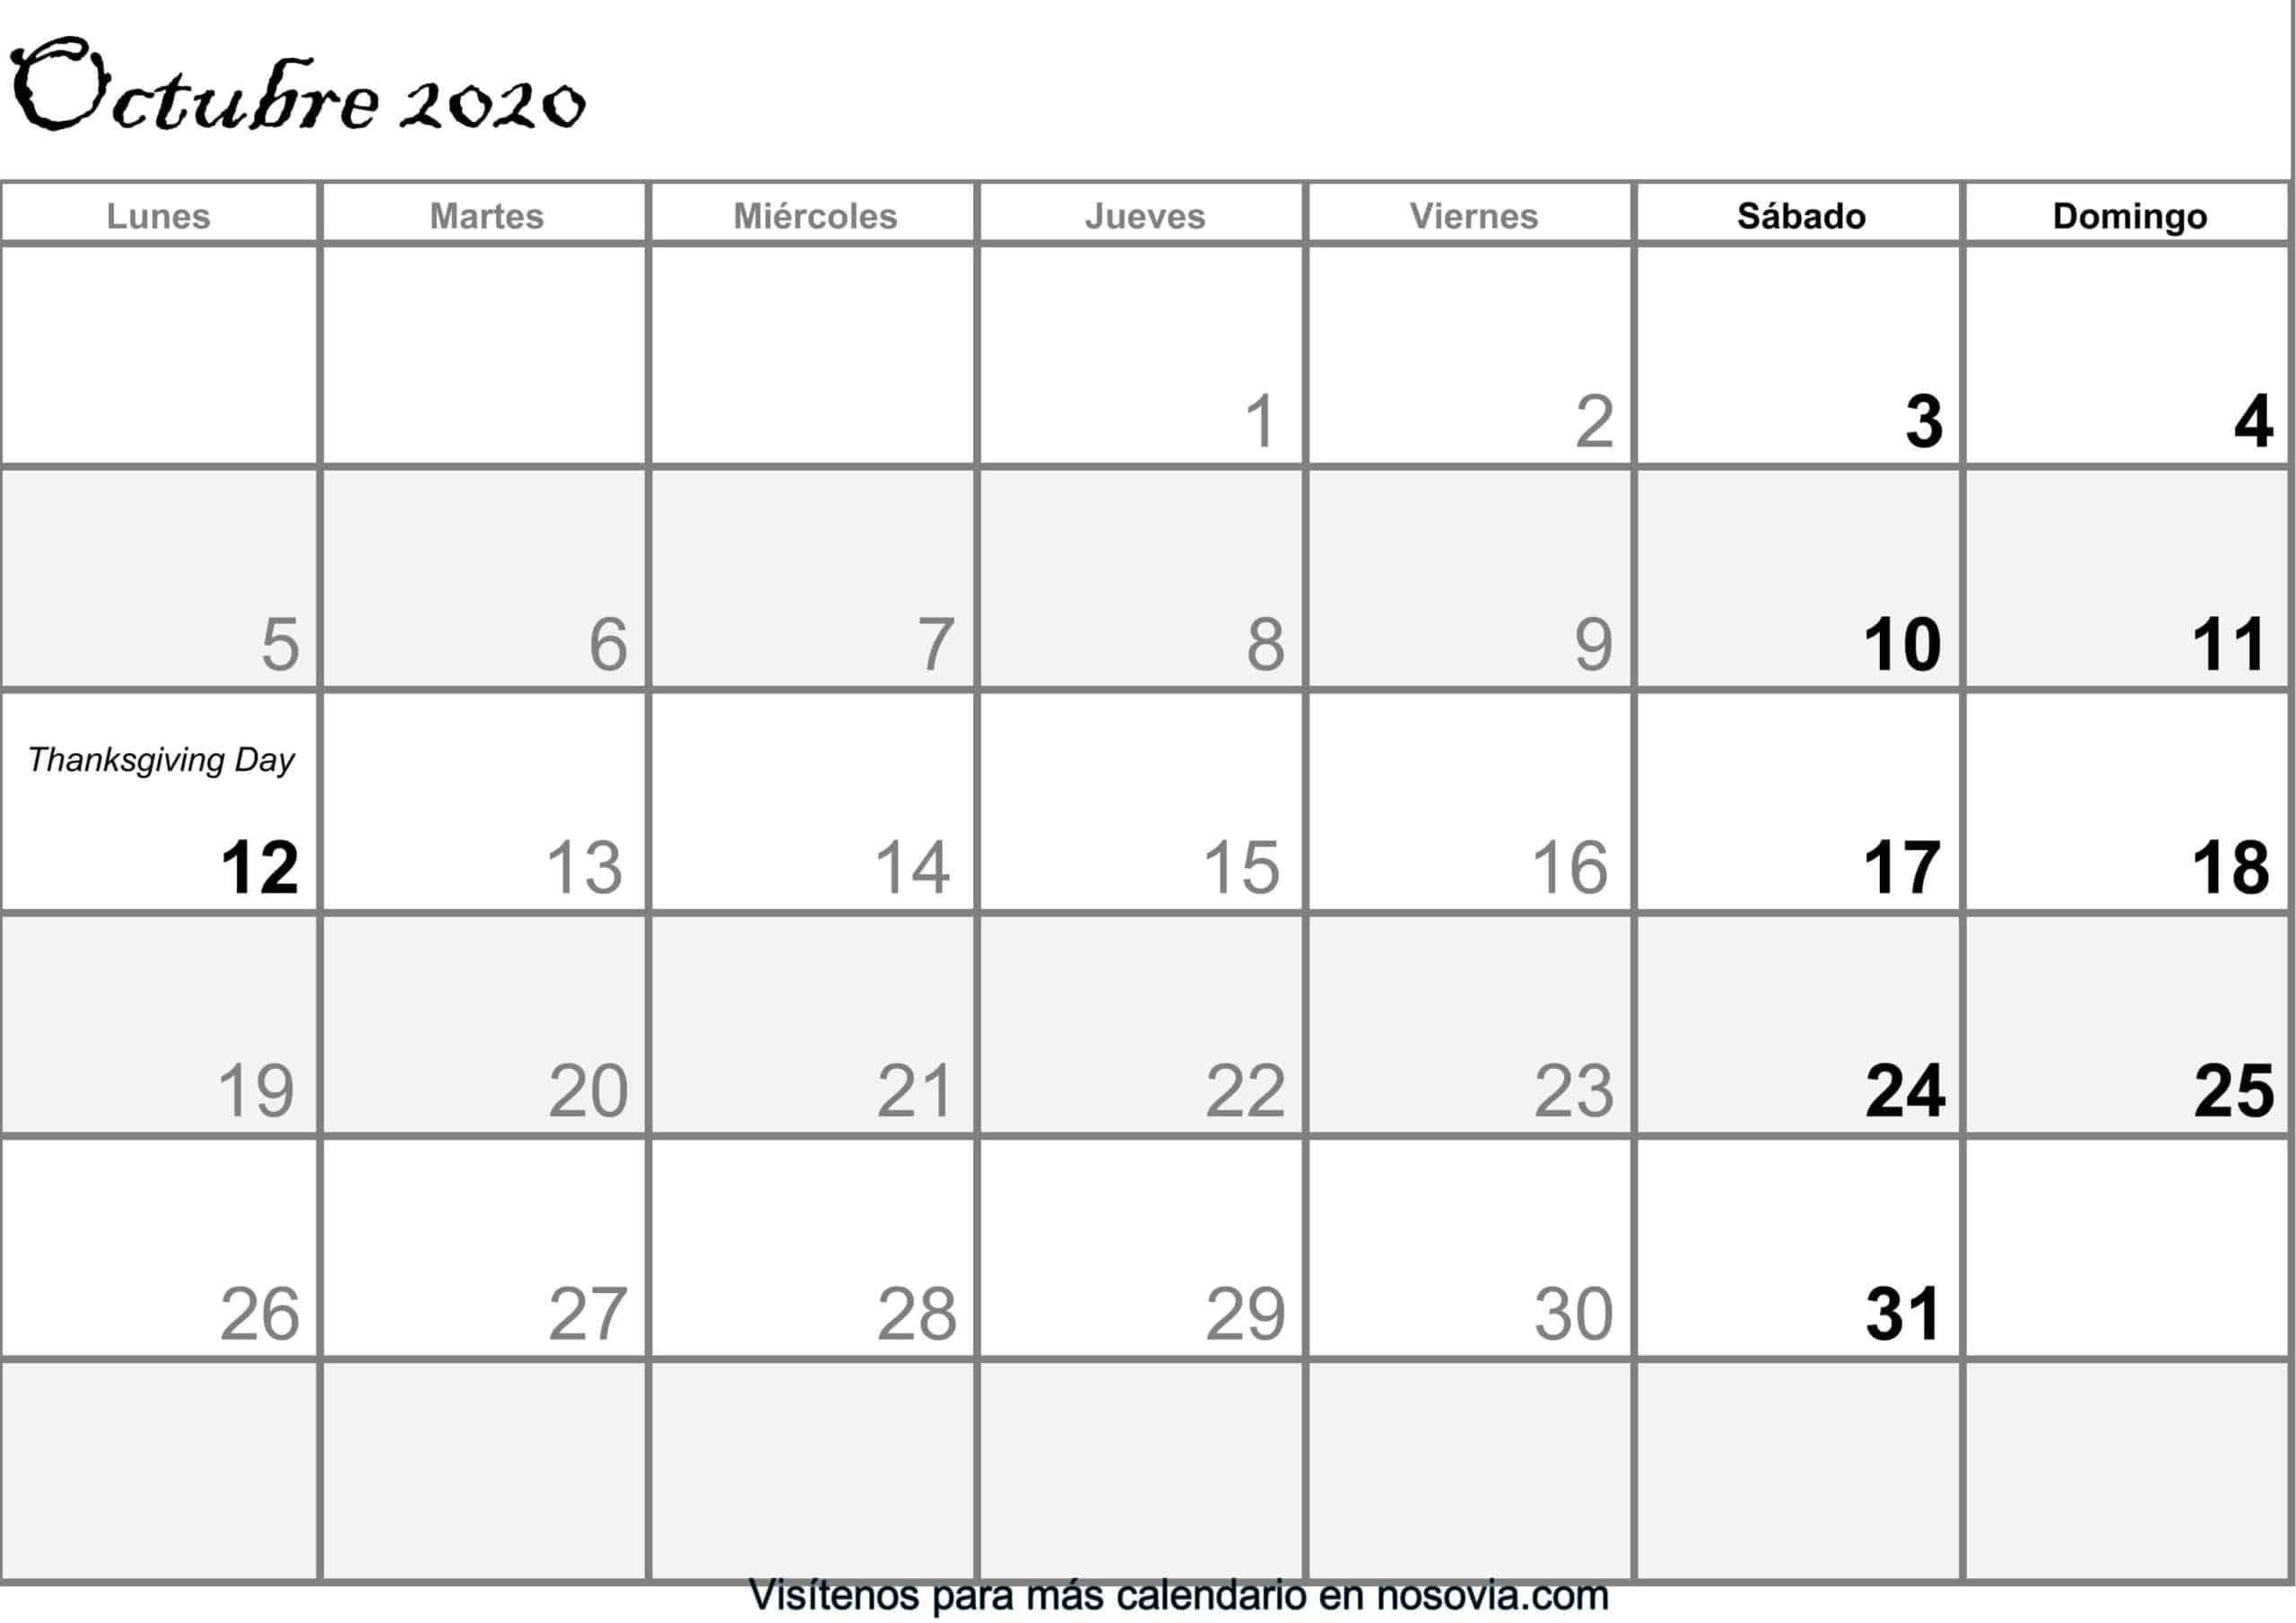 Calendario-octubre-2020-Con-Festivos-PDF